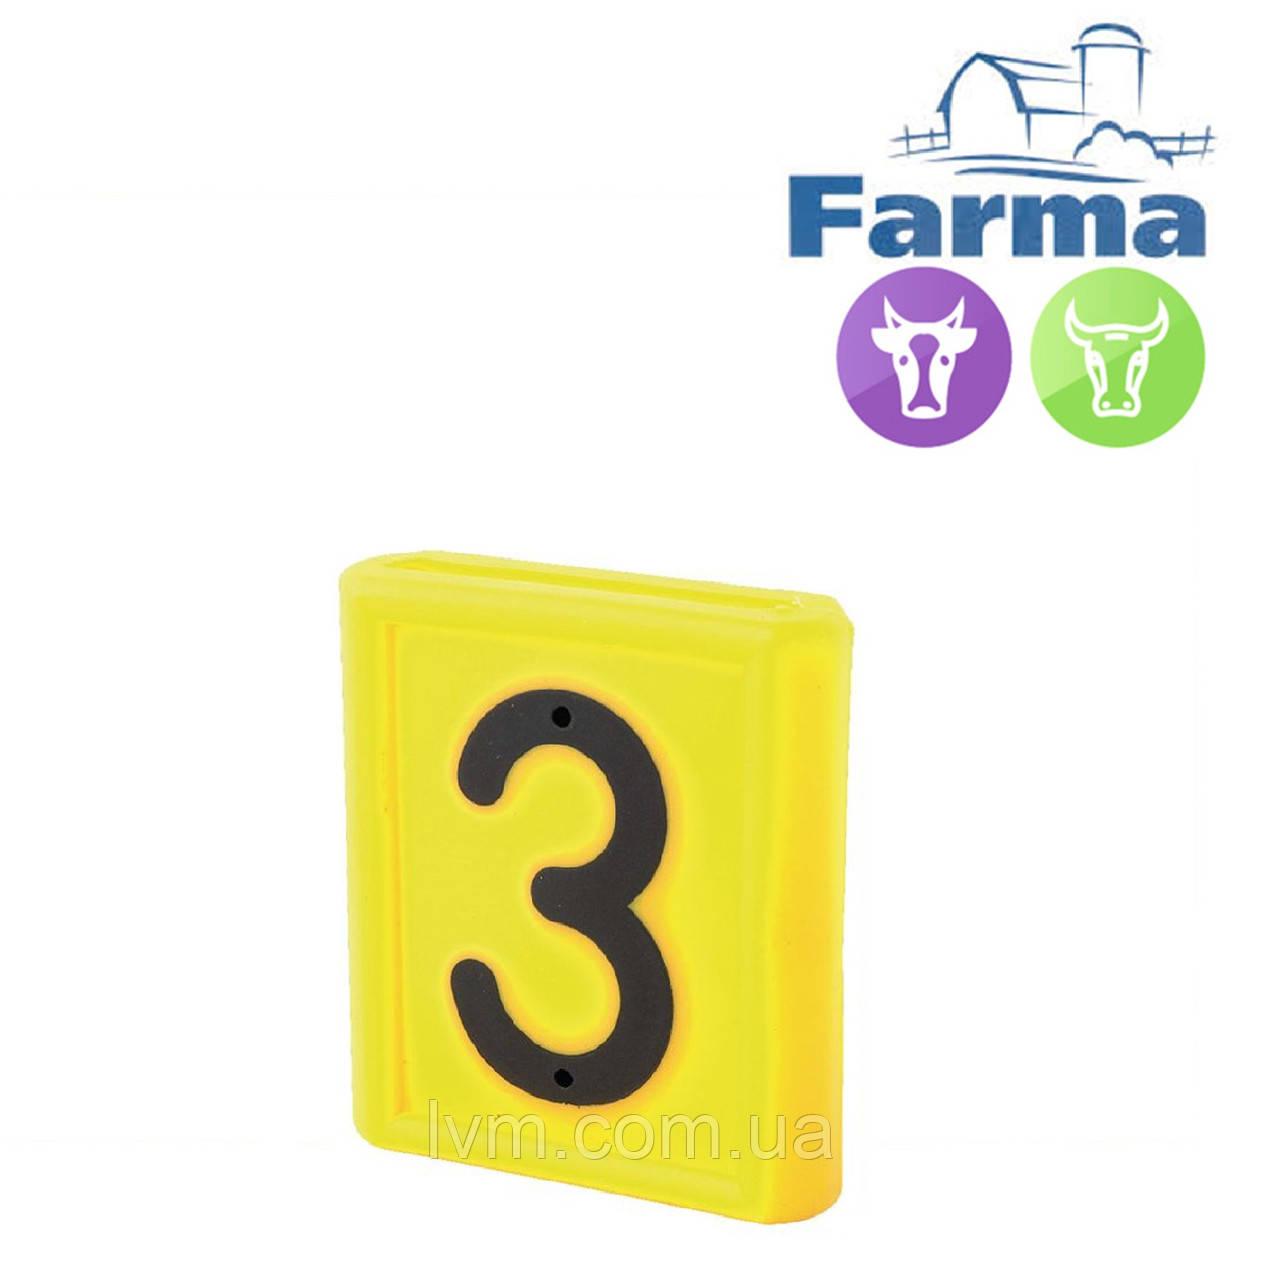 """Блок цифровой """"3"""" (48*59мм) к ошейнику для идентификации животных FARMA (Нидерланды)"""